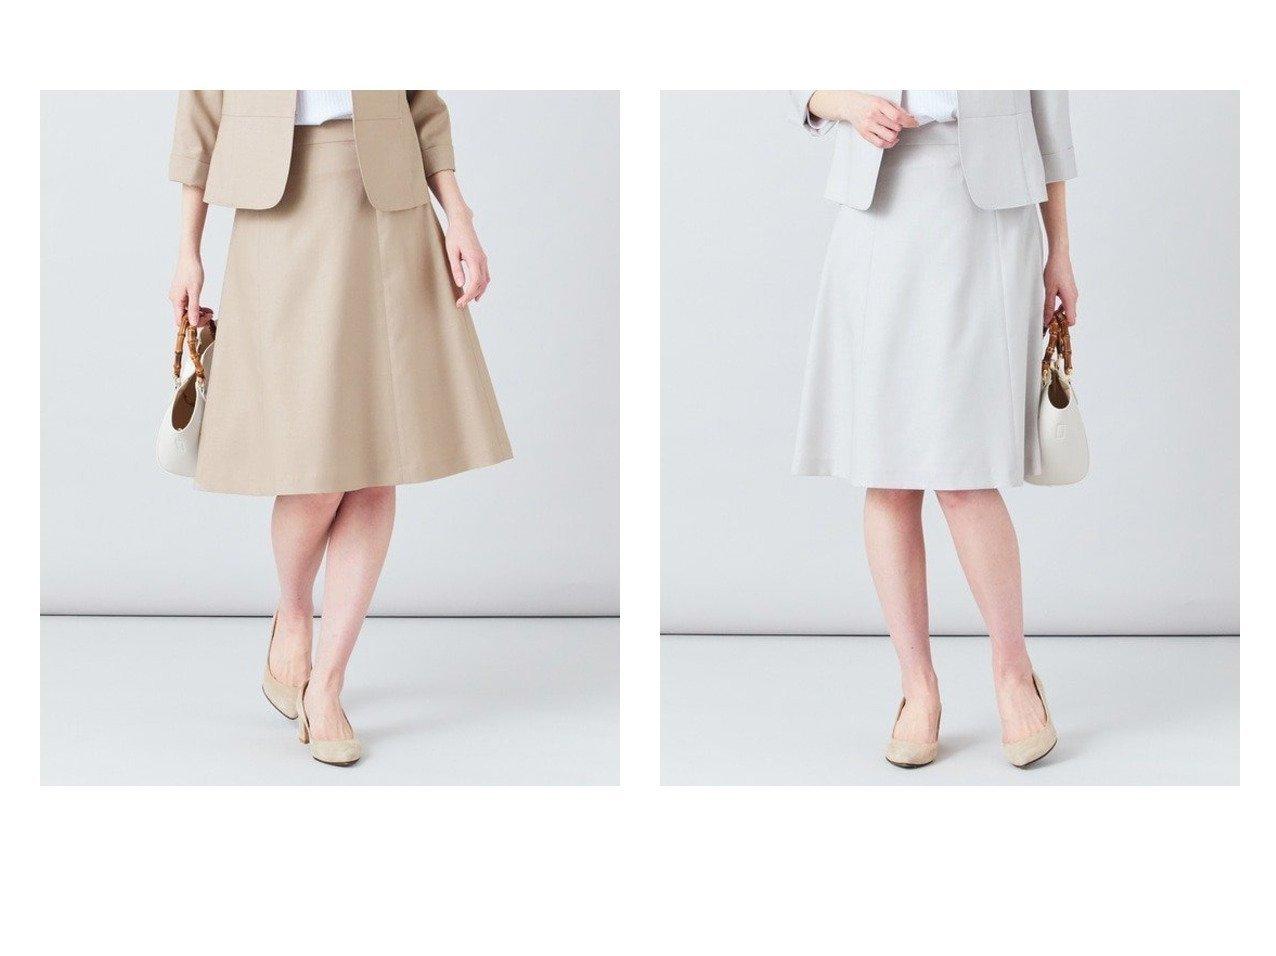 【J.PRESS/ジェイ プレス】の【洗える】OXIJEWELストレッチ スカート スカートのおすすめ!人気、トレンド・レディースファッションの通販 おすすめで人気の流行・トレンド、ファッションの通販商品 メンズファッション・キッズファッション・インテリア・家具・レディースファッション・服の通販 founy(ファニー) https://founy.com/ ファッション Fashion レディースファッション WOMEN スカート Skirt 送料無料 Free Shipping ジャケット ストレッチ セットアップ ドレープ フレア フレアースカート 切替 洗える  ID:crp329100000015815